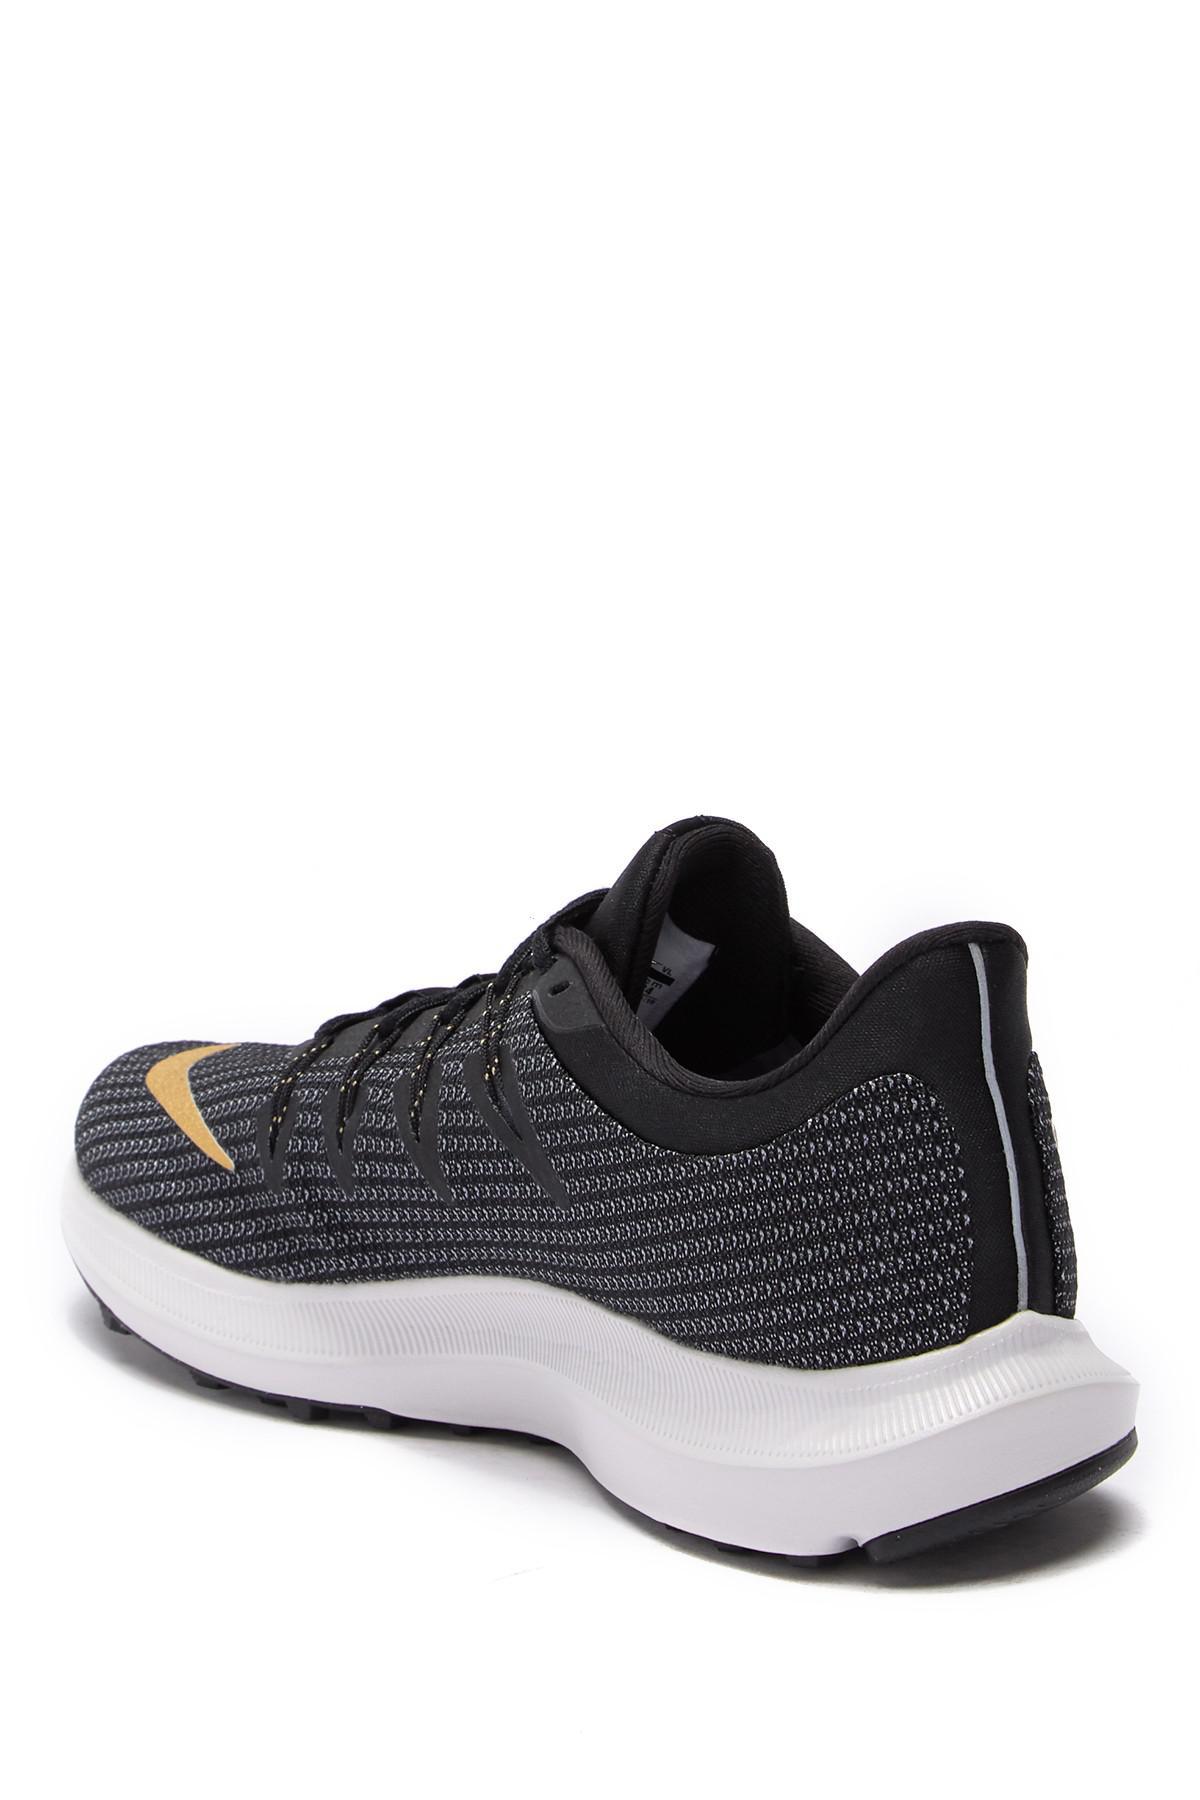 Nike | Tanjun Running Sneaker Wide Width Available | Nordstrom Rack